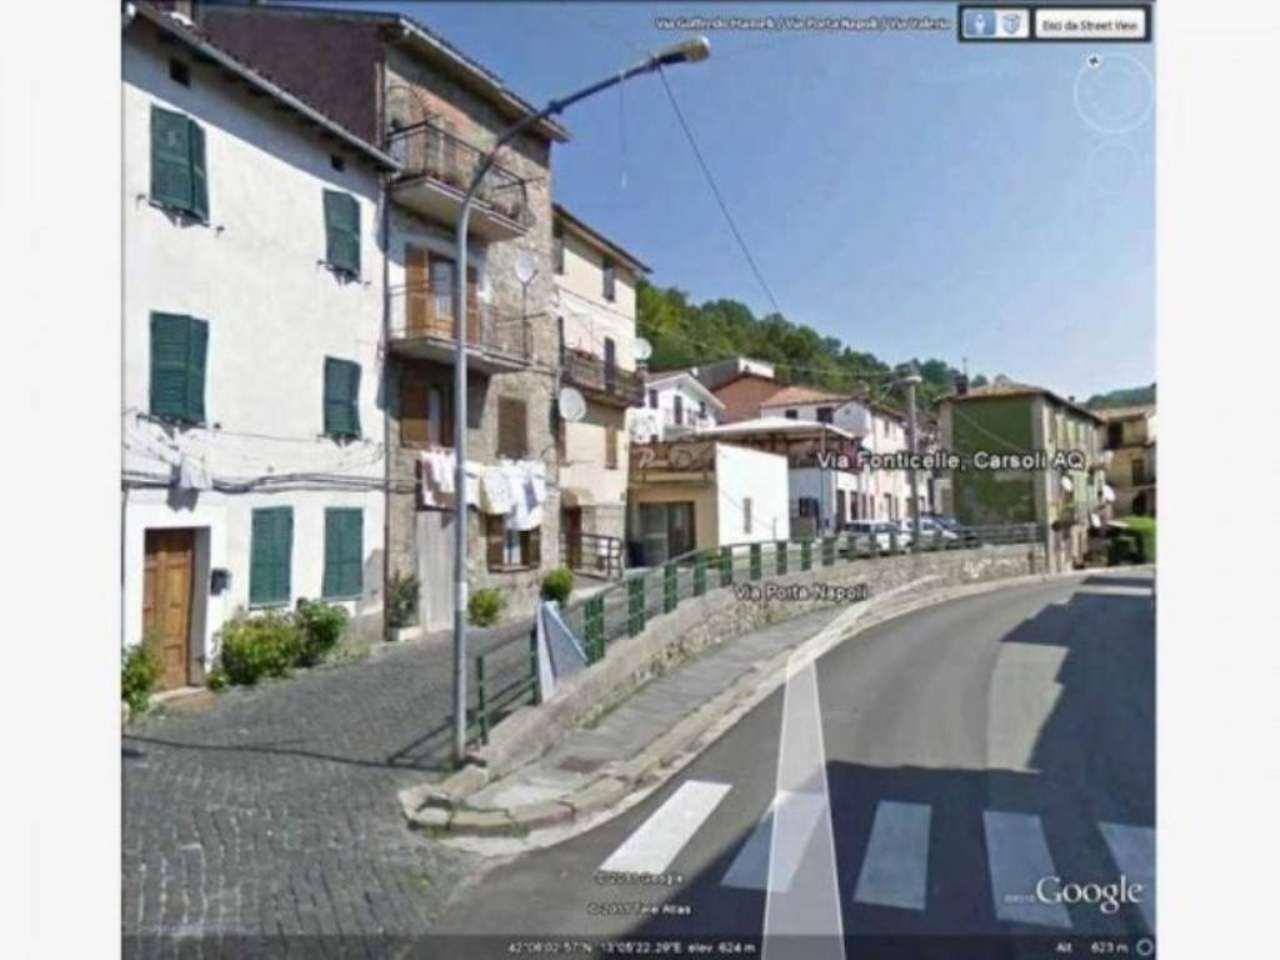 Bilocale Carsoli Via Fonticelle 5